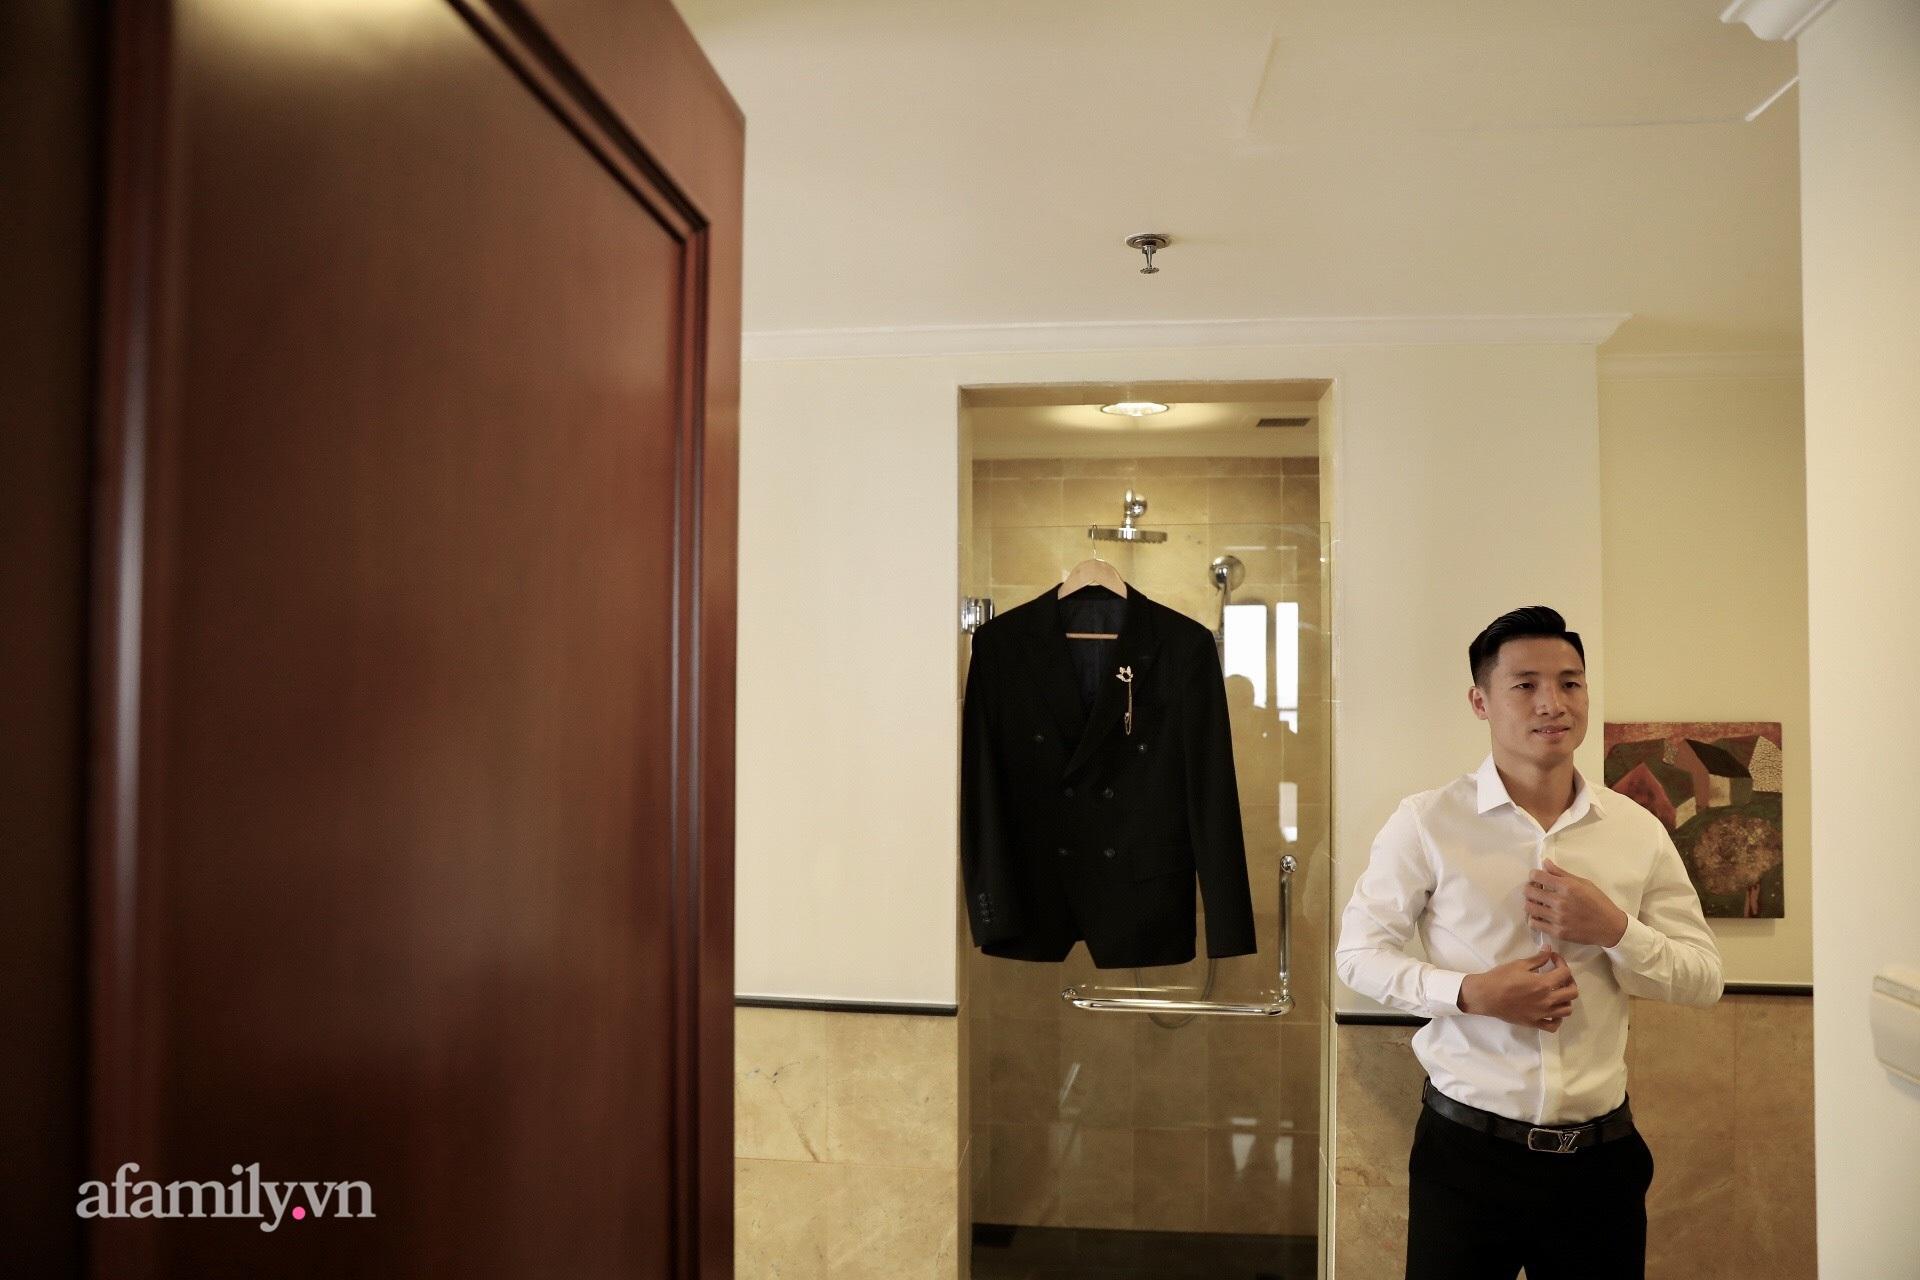 Hình ảnh đầu tiên của cặp đôi Bùi Tiến Dũng - Khánh Linh ở khách sạn tổ chức đám cưới tại Hà Nội, nhan sắc cô dâu xinh đến ngỡ ngàng-1